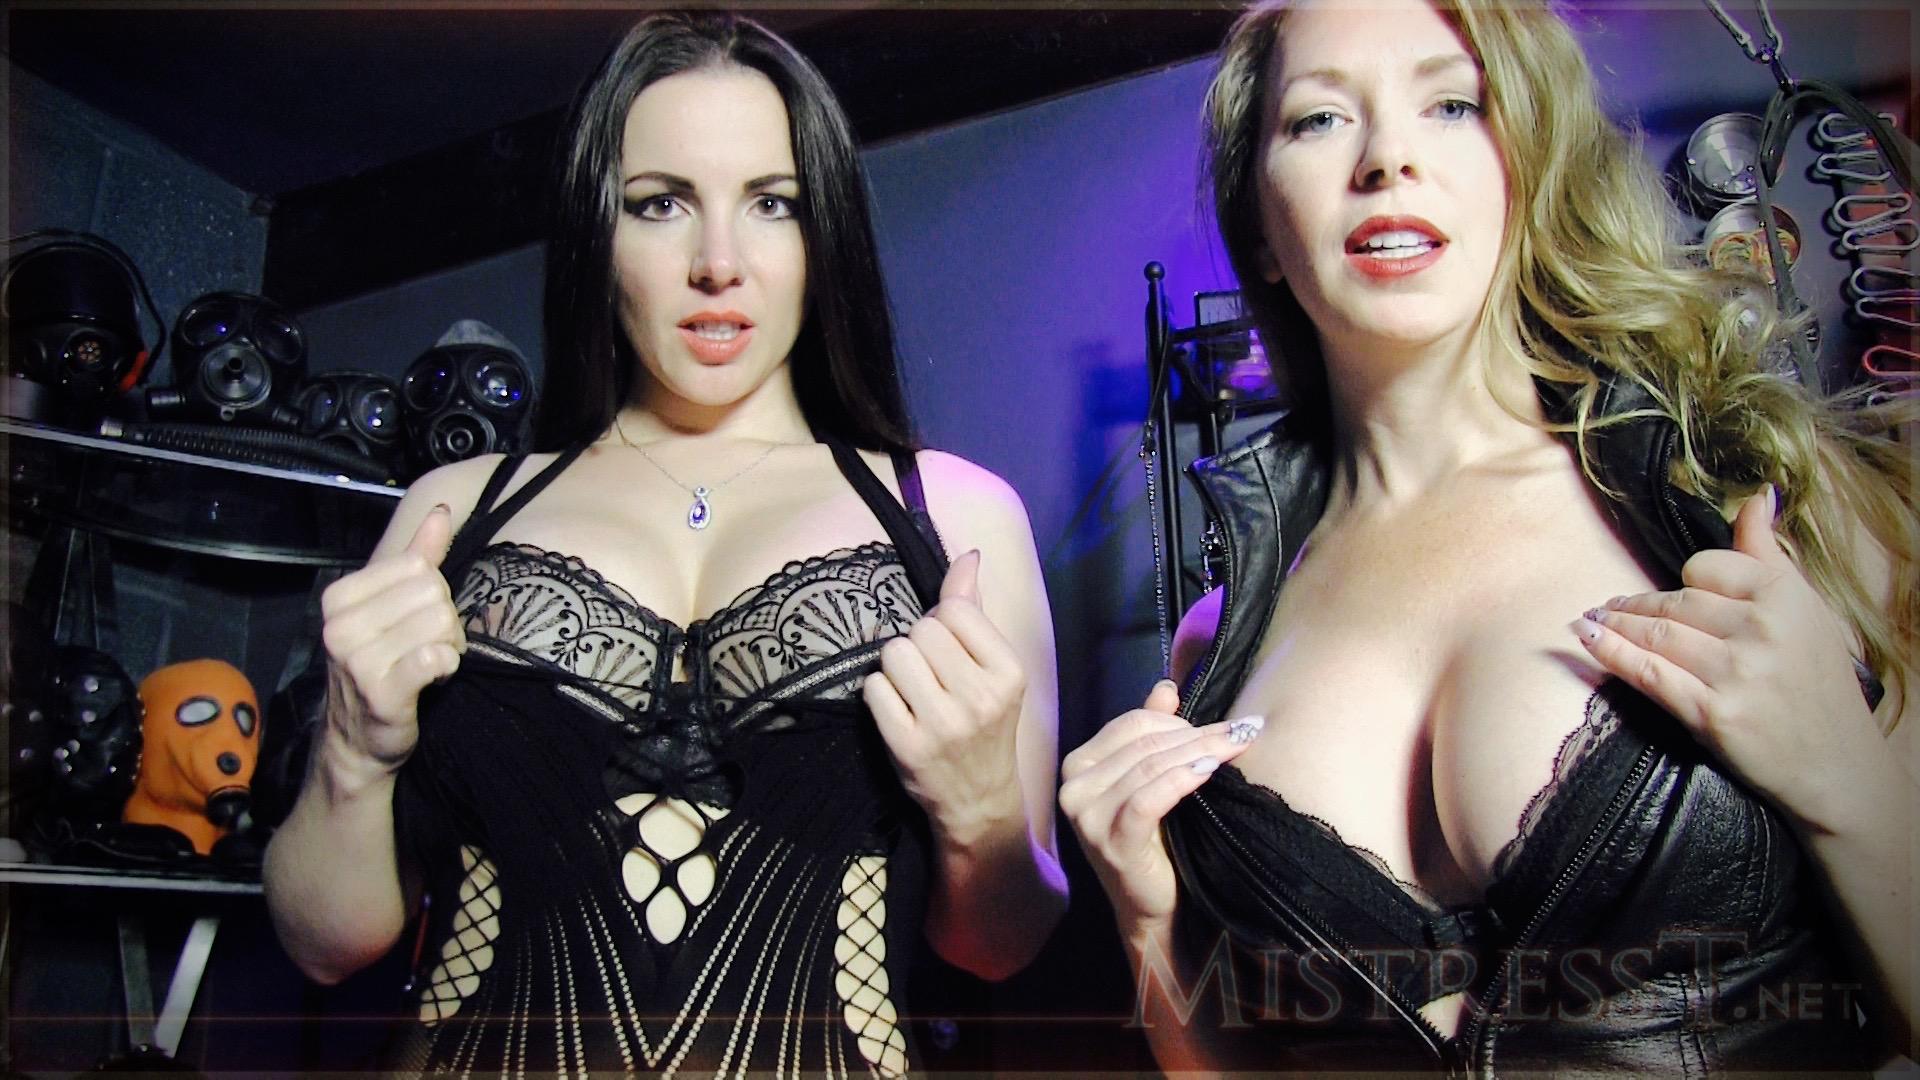 Alexandra snow nude mistress